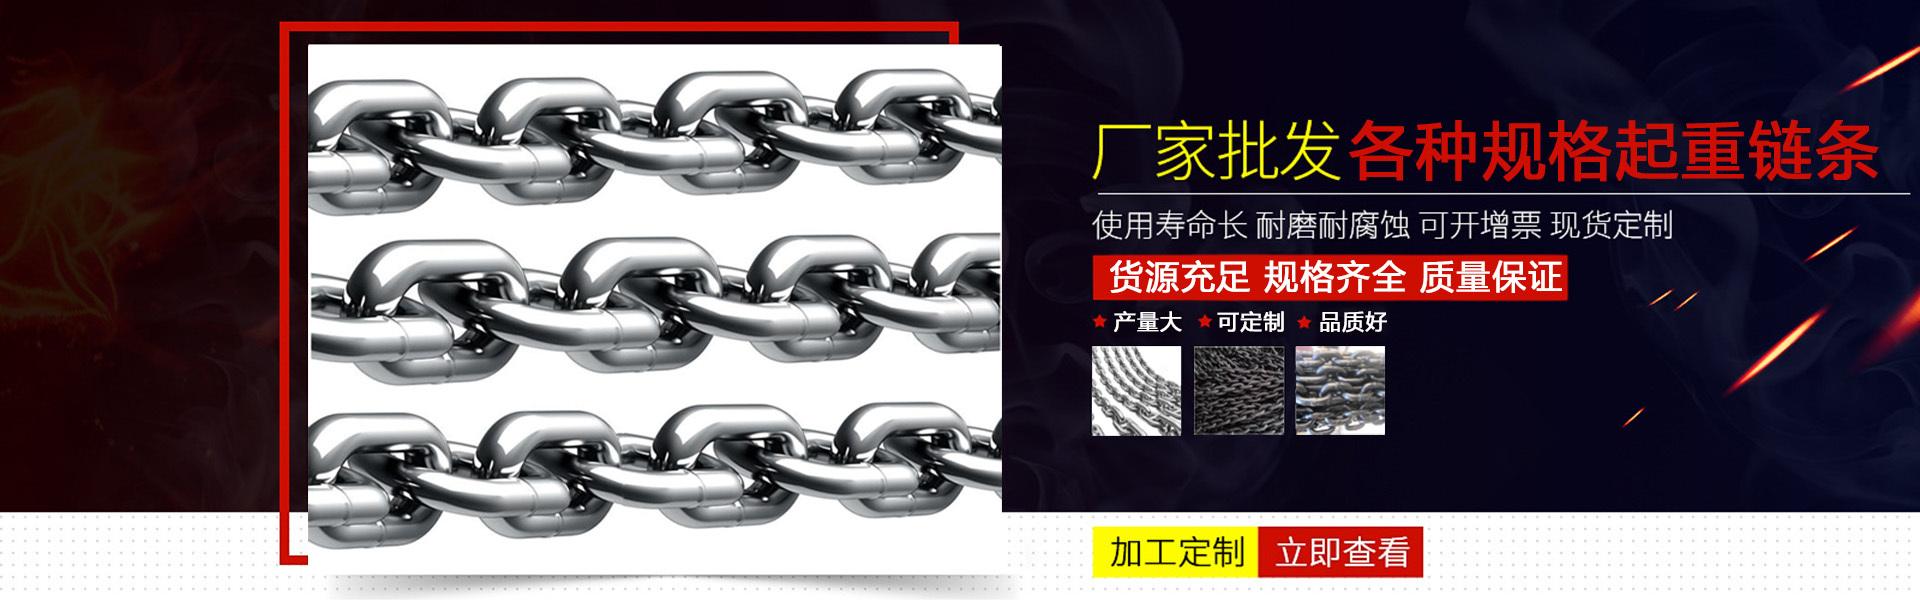 起zhong链条